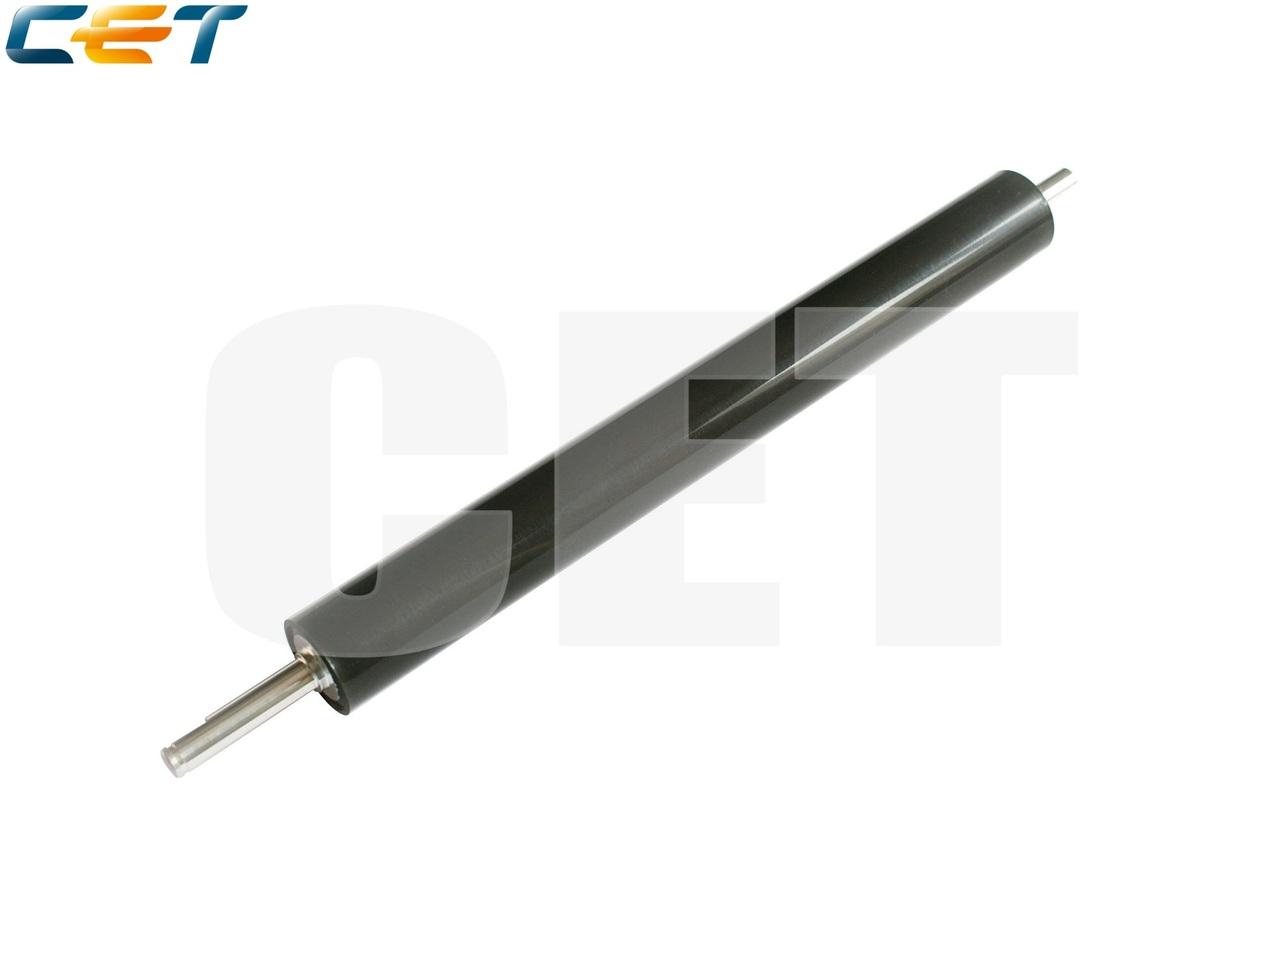 Резиновый вал RC1-3969-000 для HP LaserJet 2420/2430(CET), CET0351